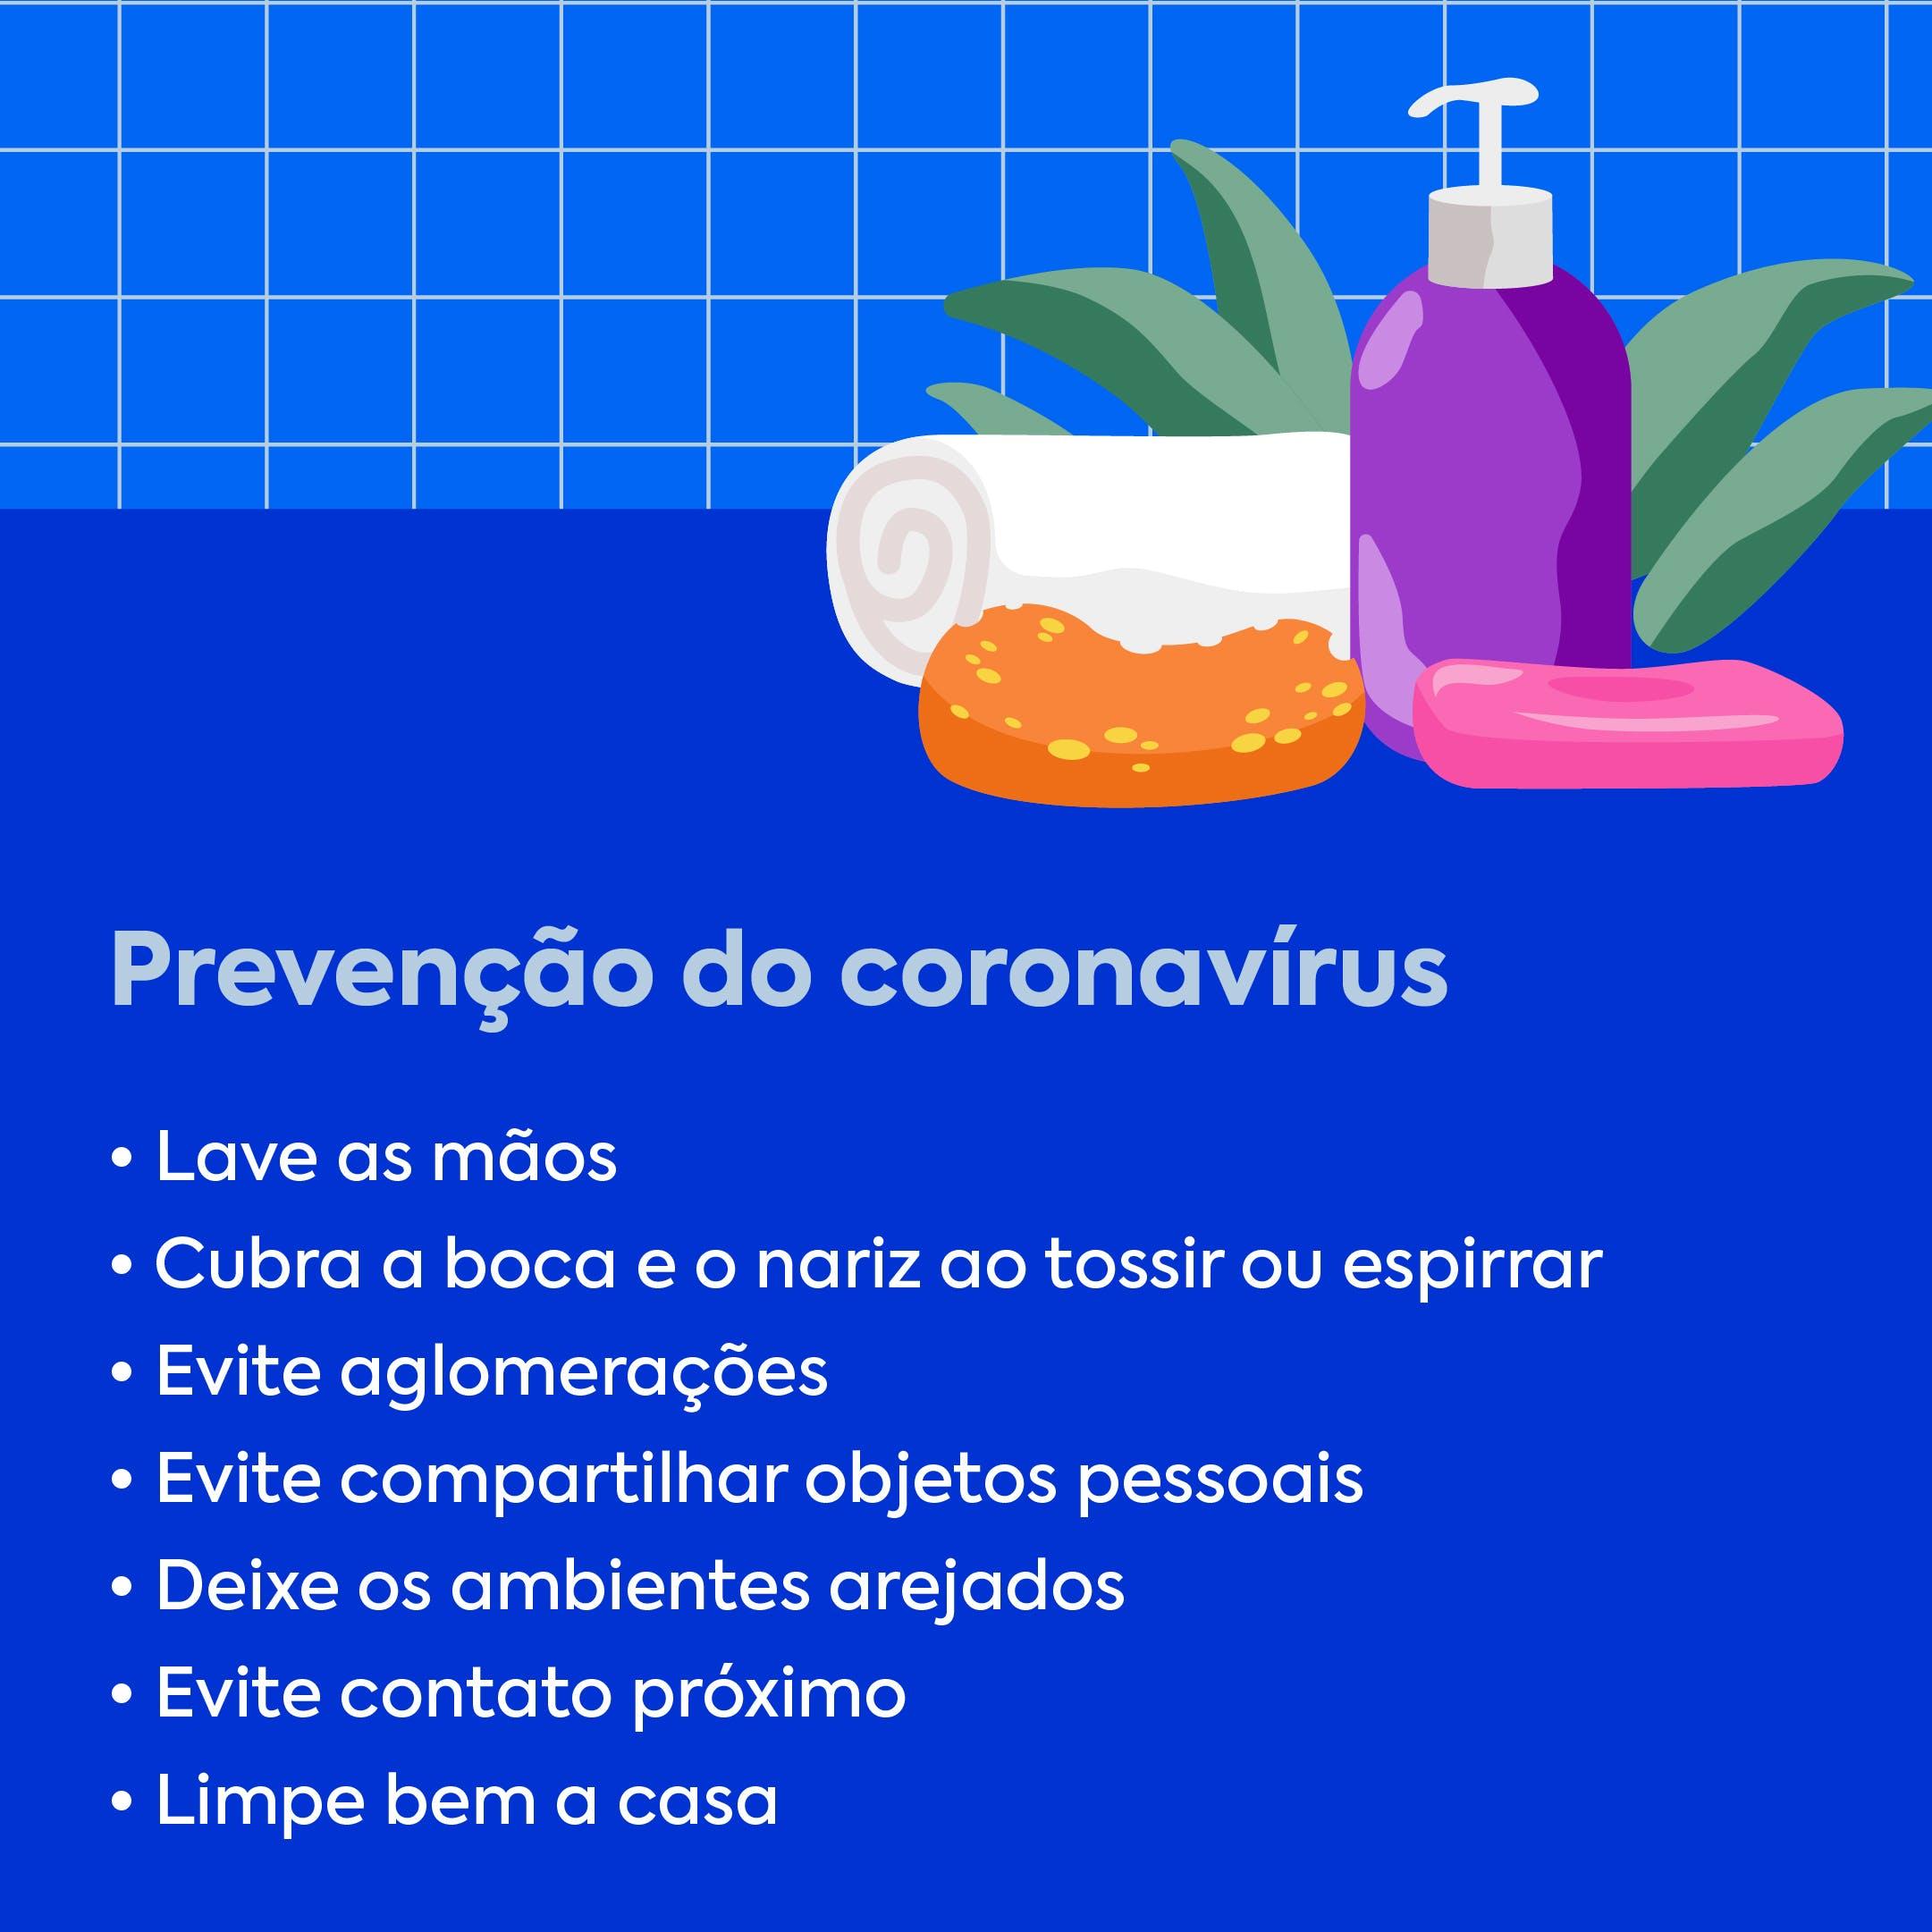 prevenção do coronavirus